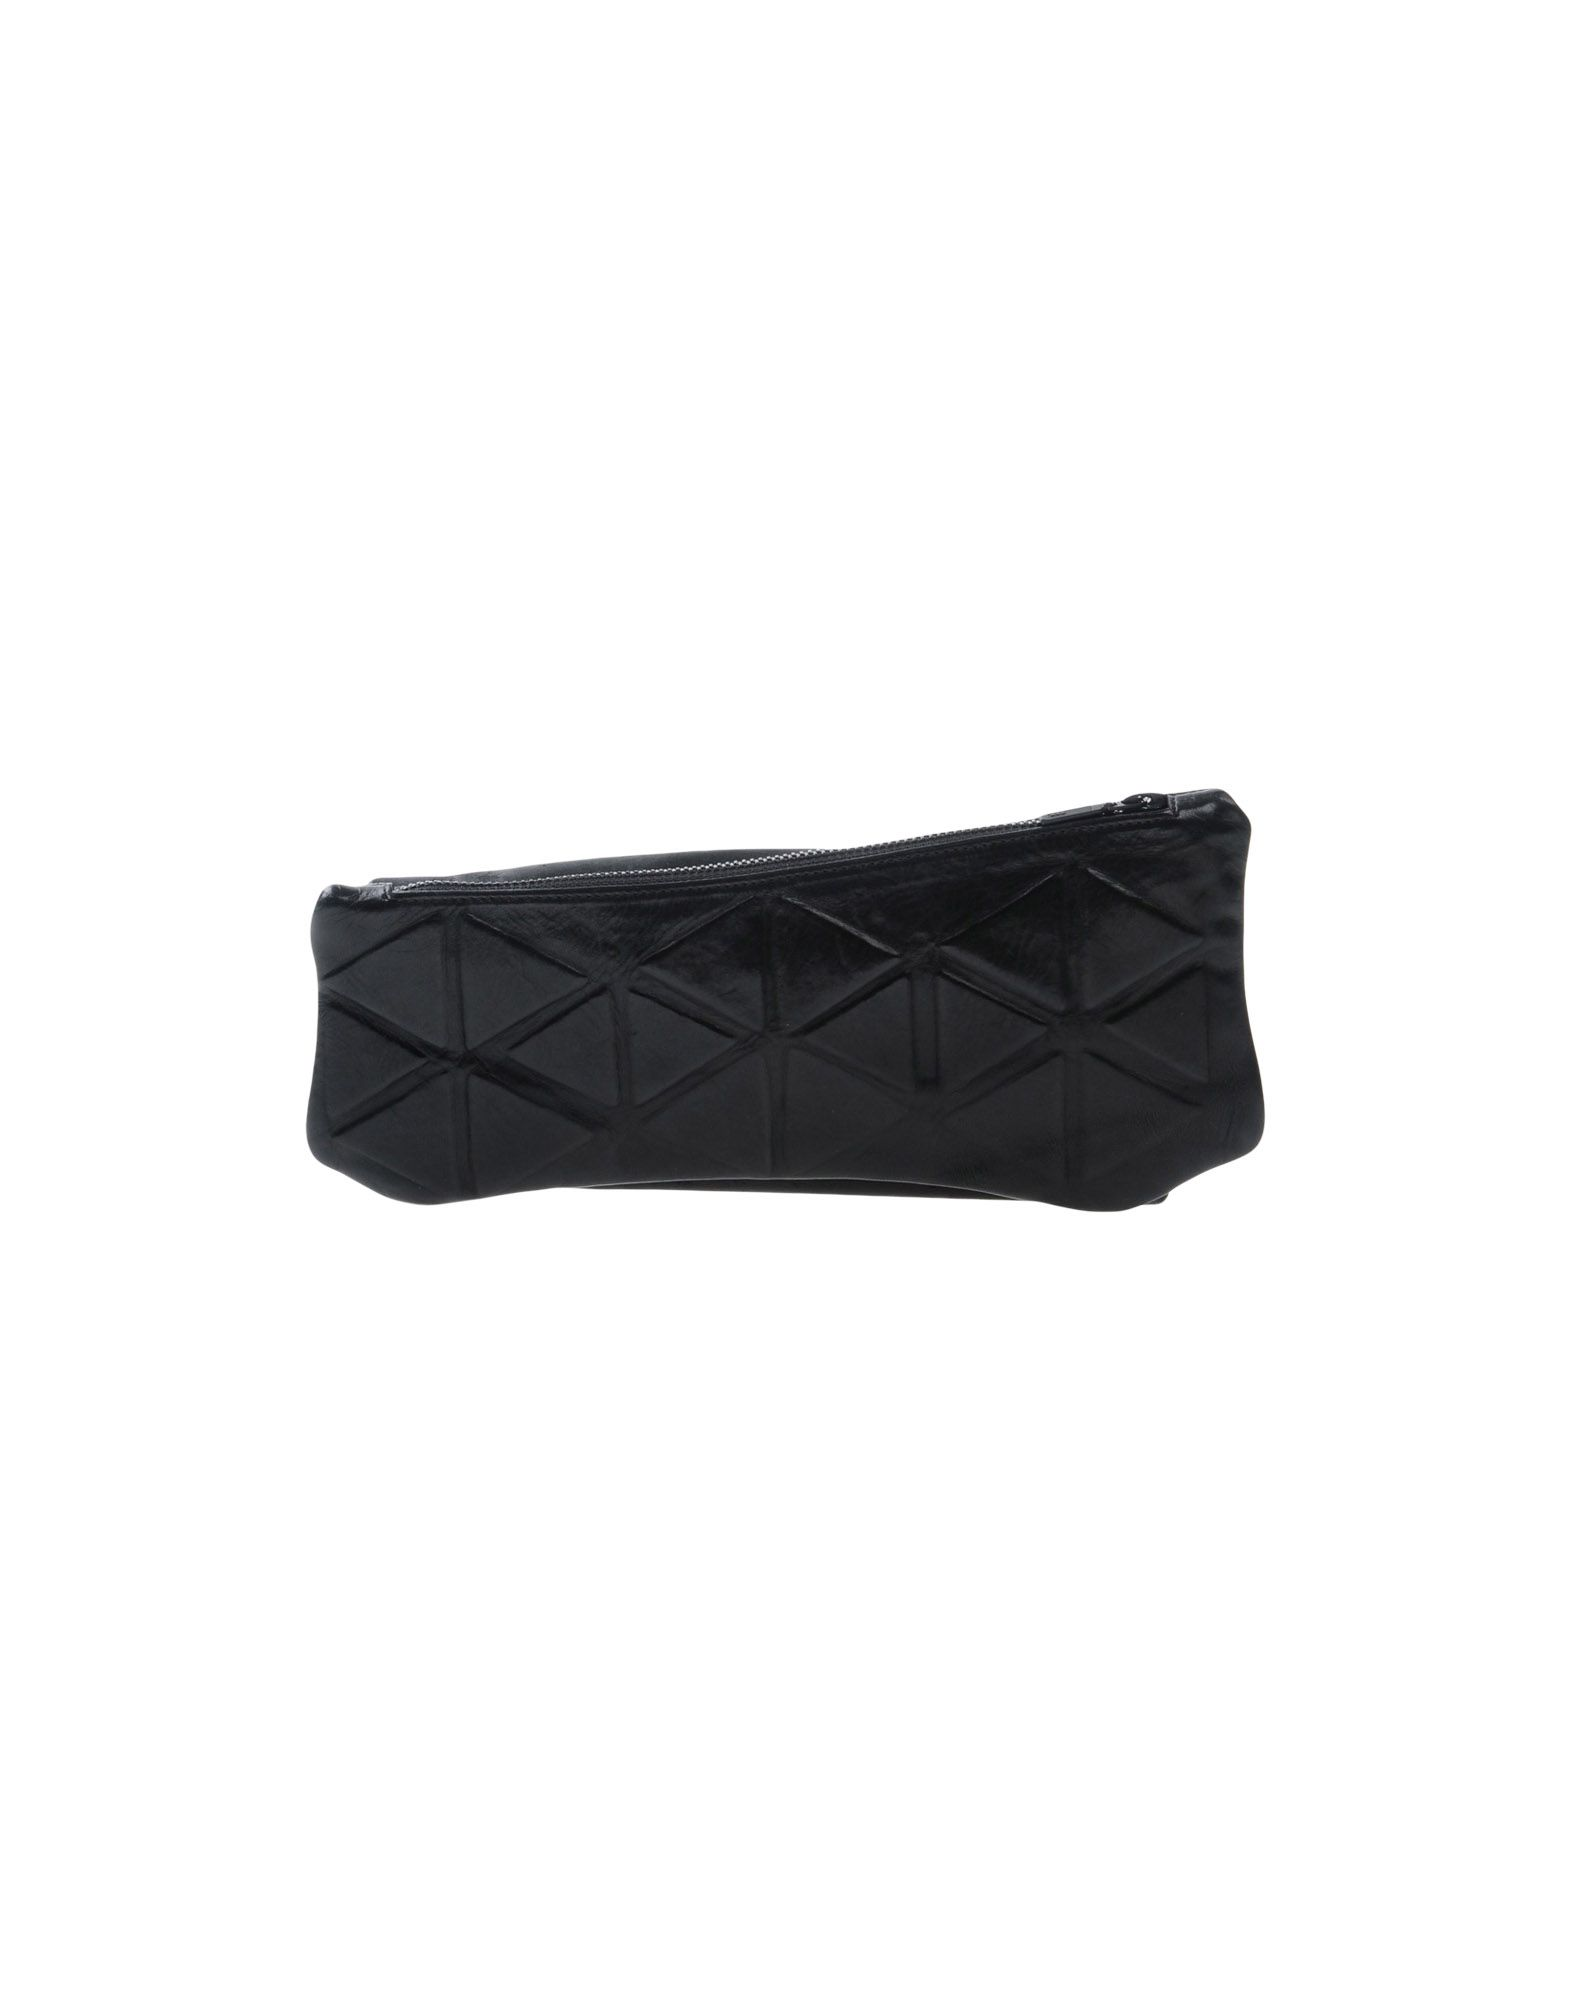 KOFTA Damen Handtaschen Farbe Schwarz Größe 1